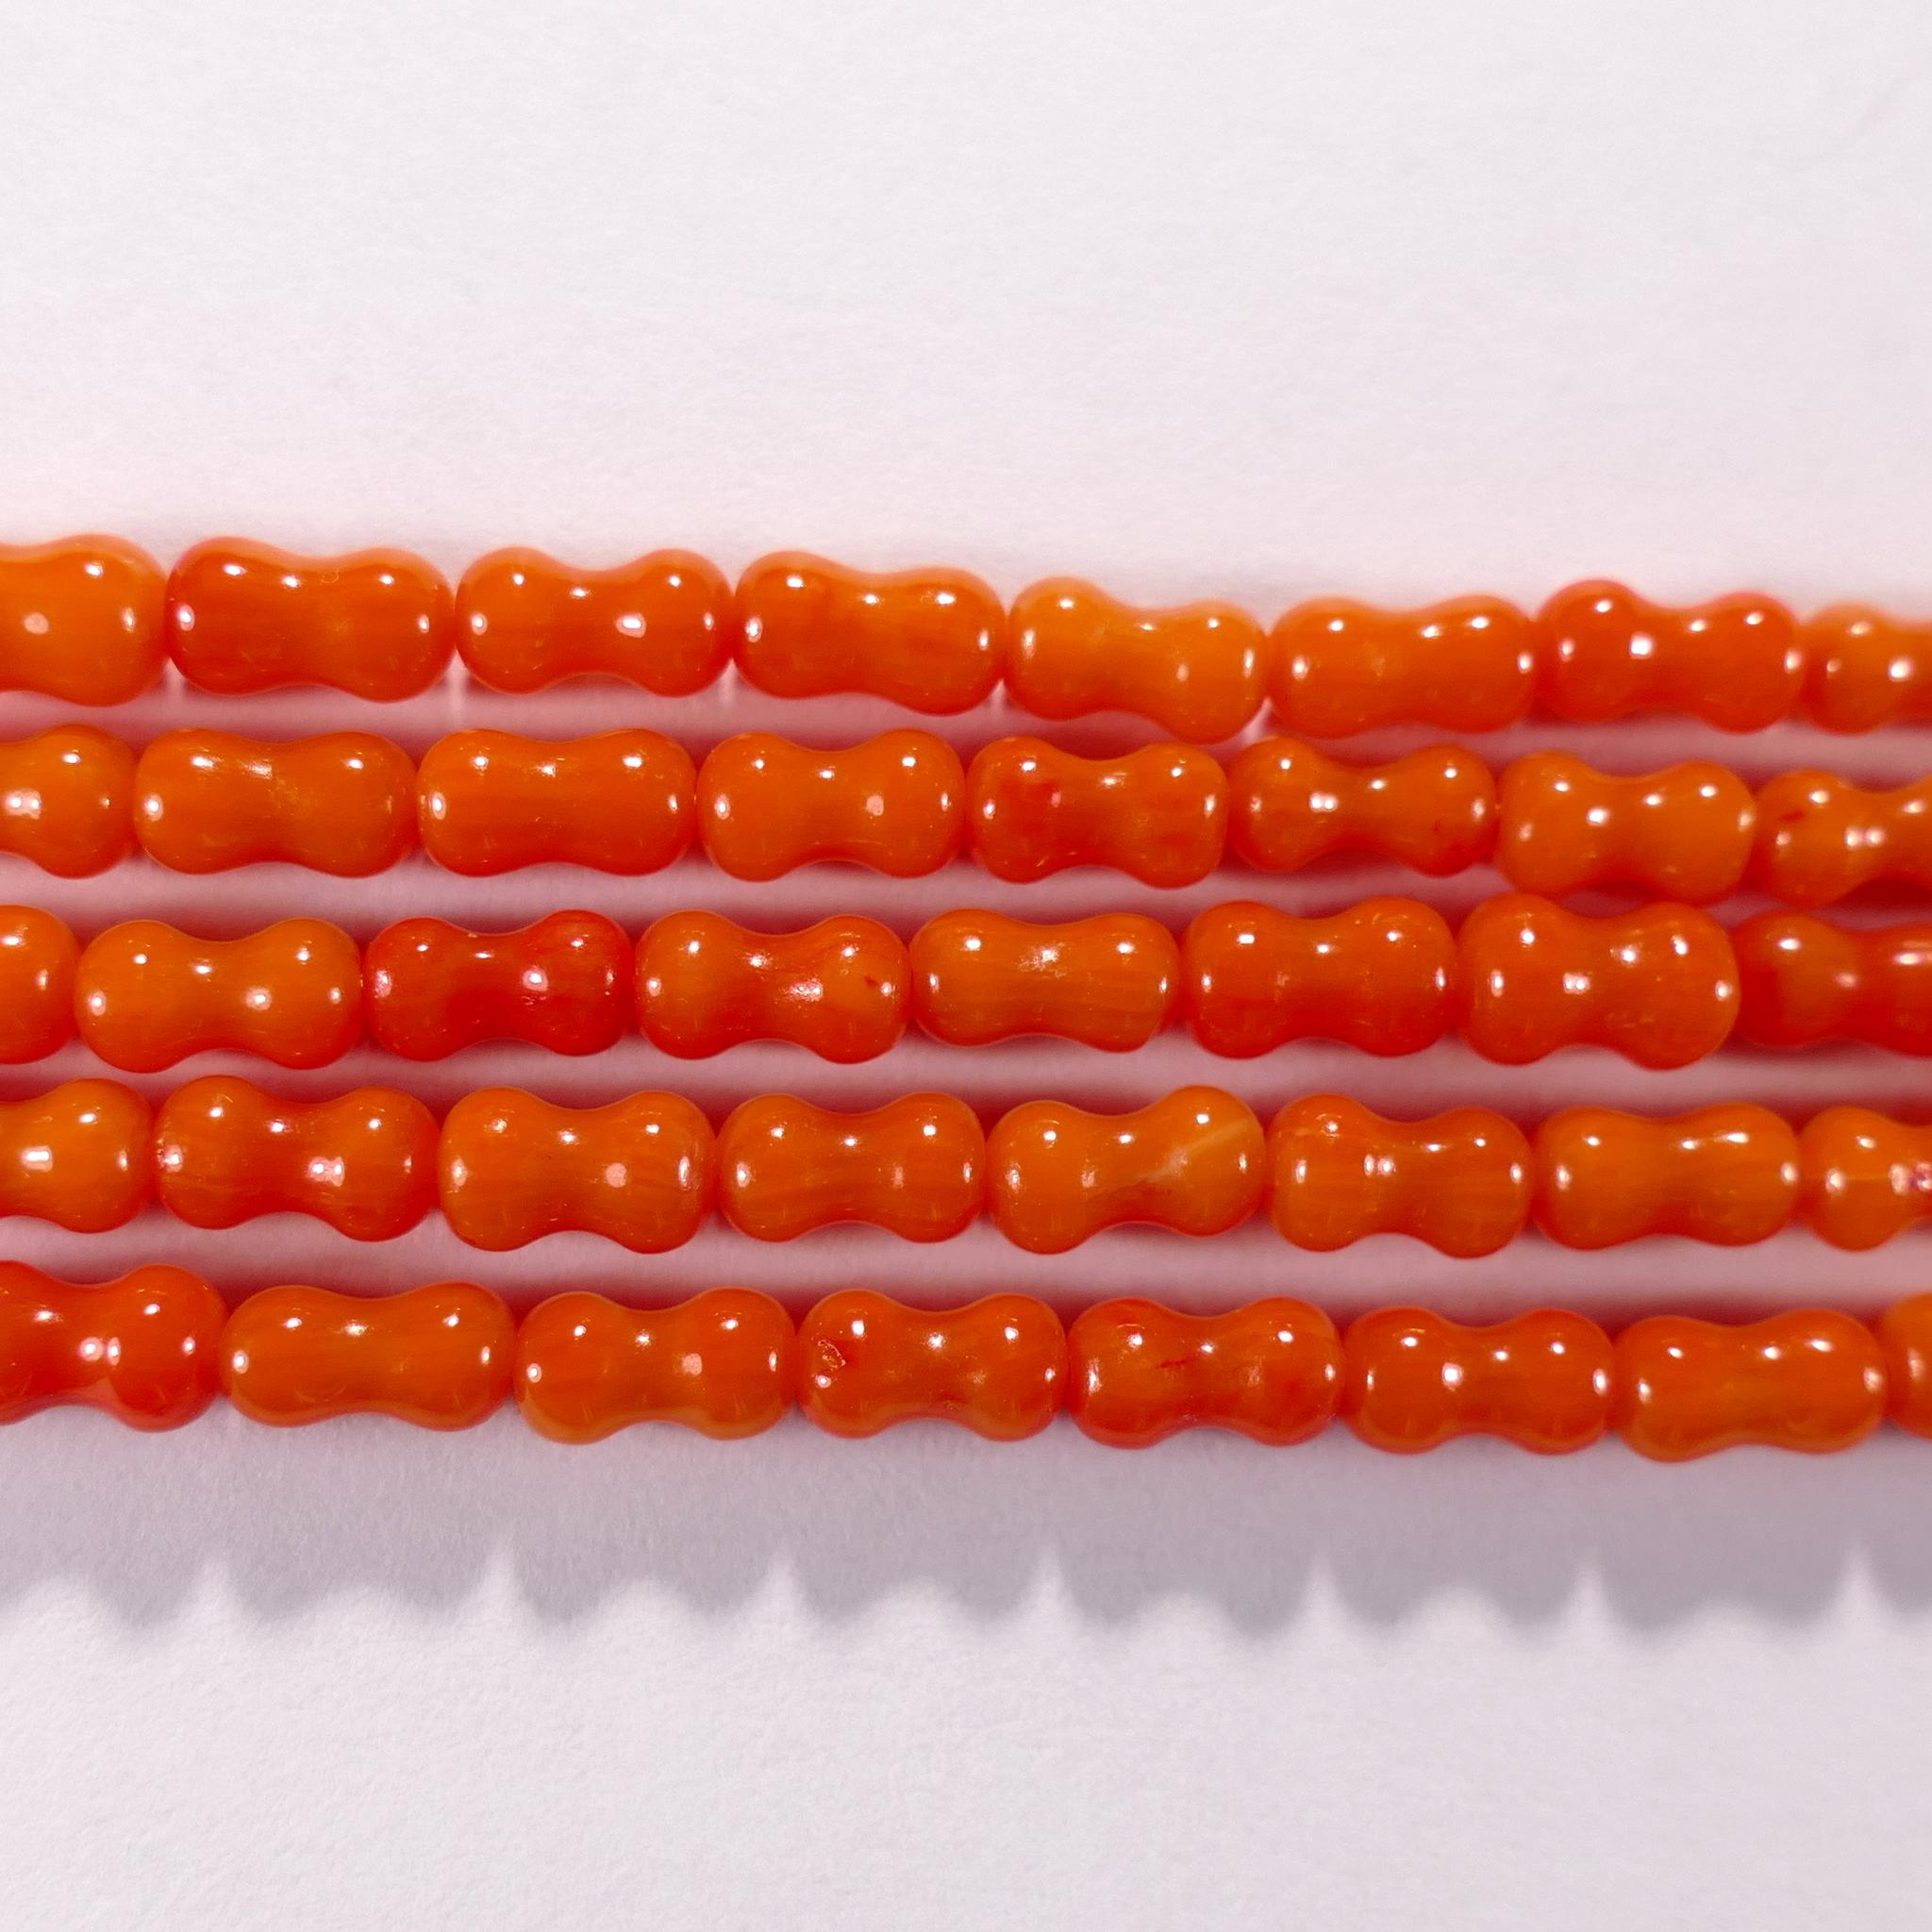 Нить бусин из коралла оранжевого, облагороженного, фигурные, 3x6 мм (цилиндр, гладкая)